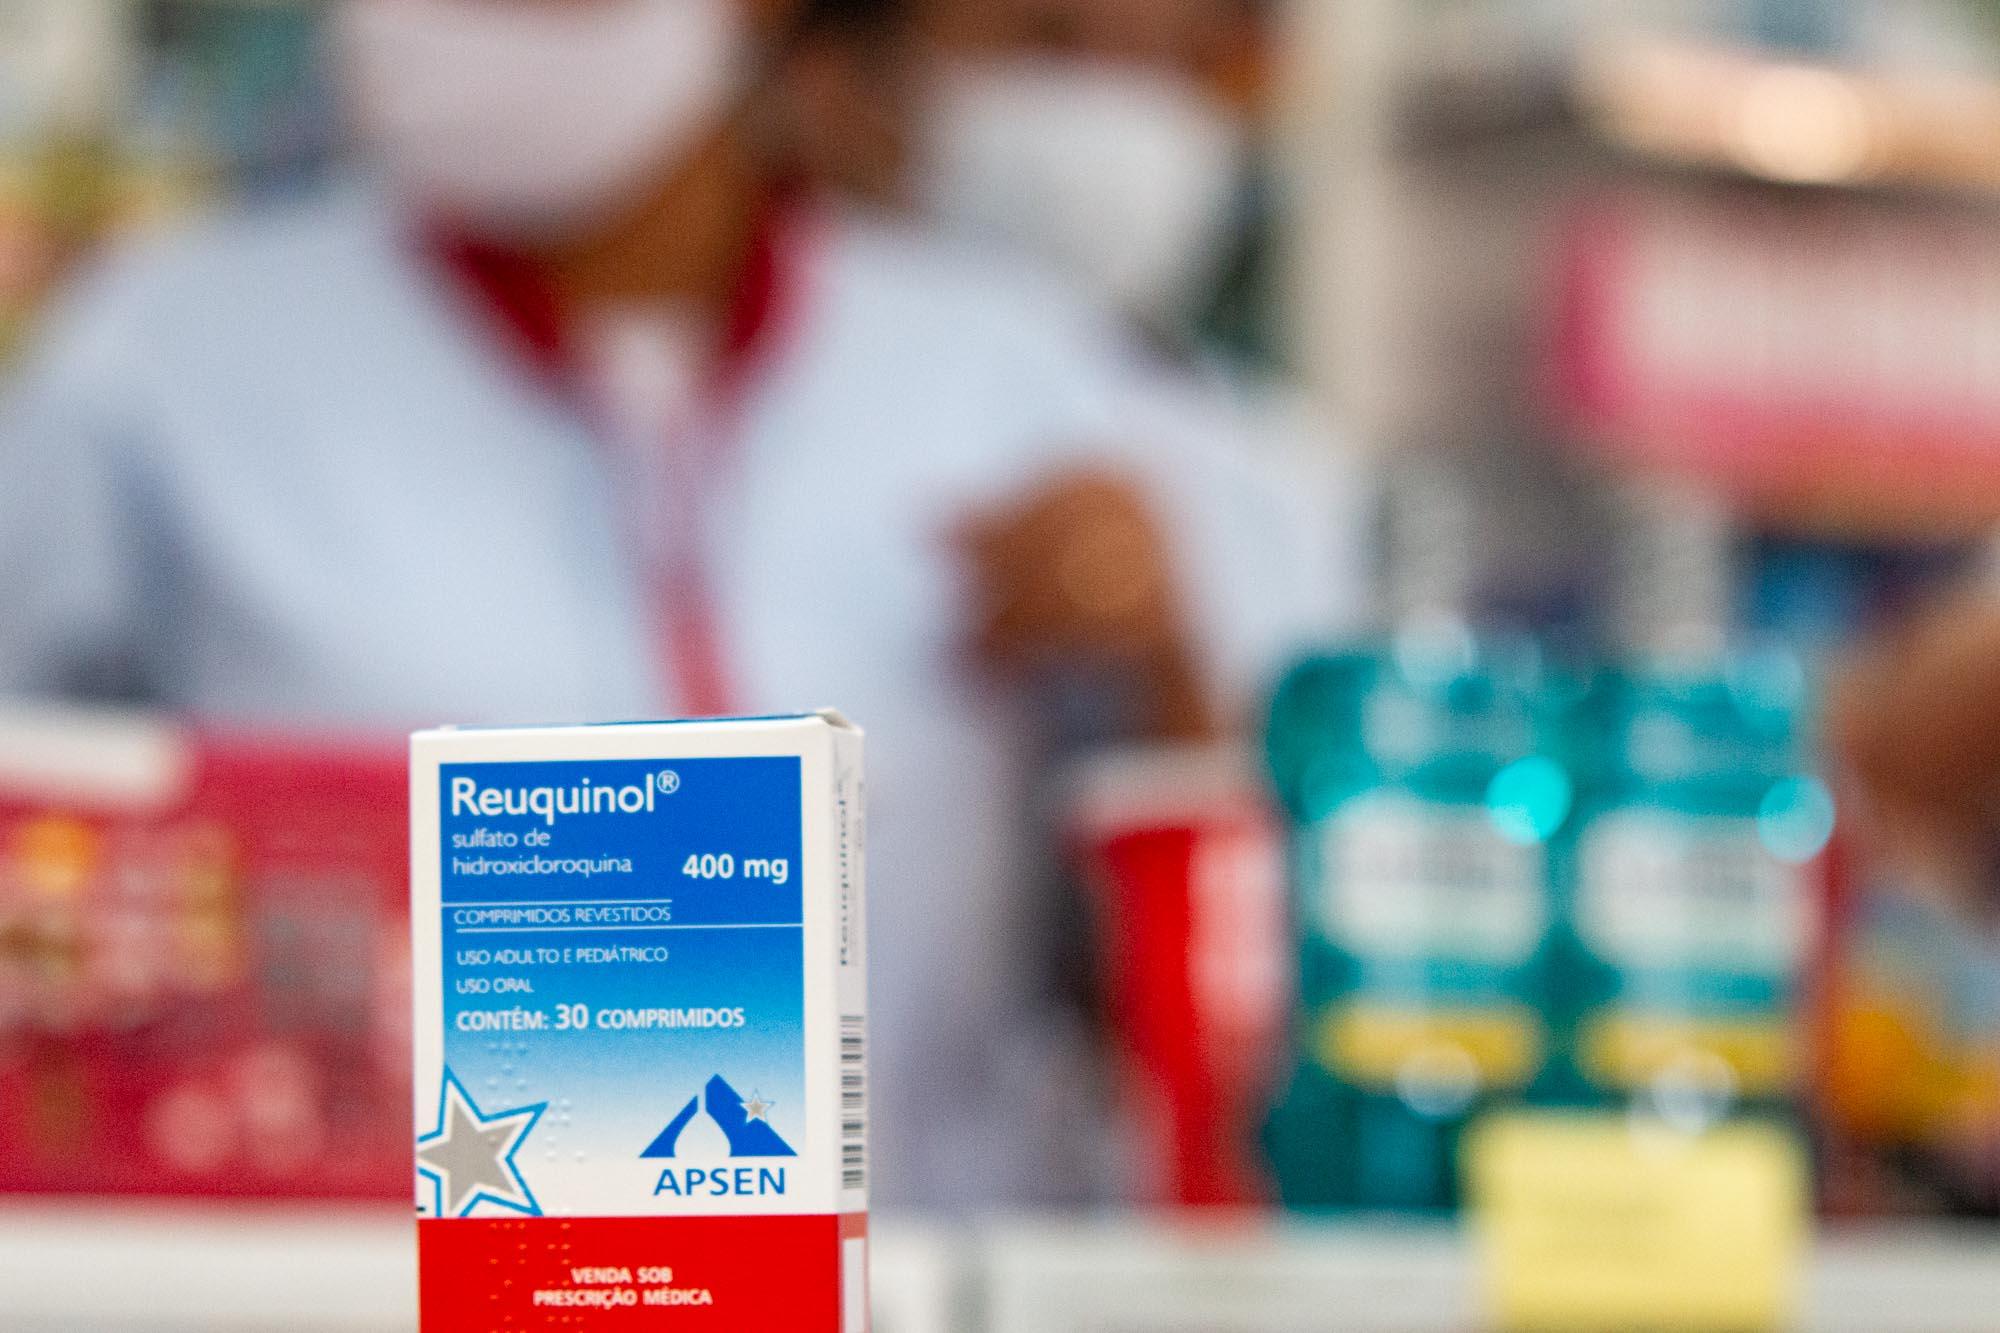 WHO: Erősen ellenjavalt a hidroxiklorokin használata a koronavírus gyógyítására